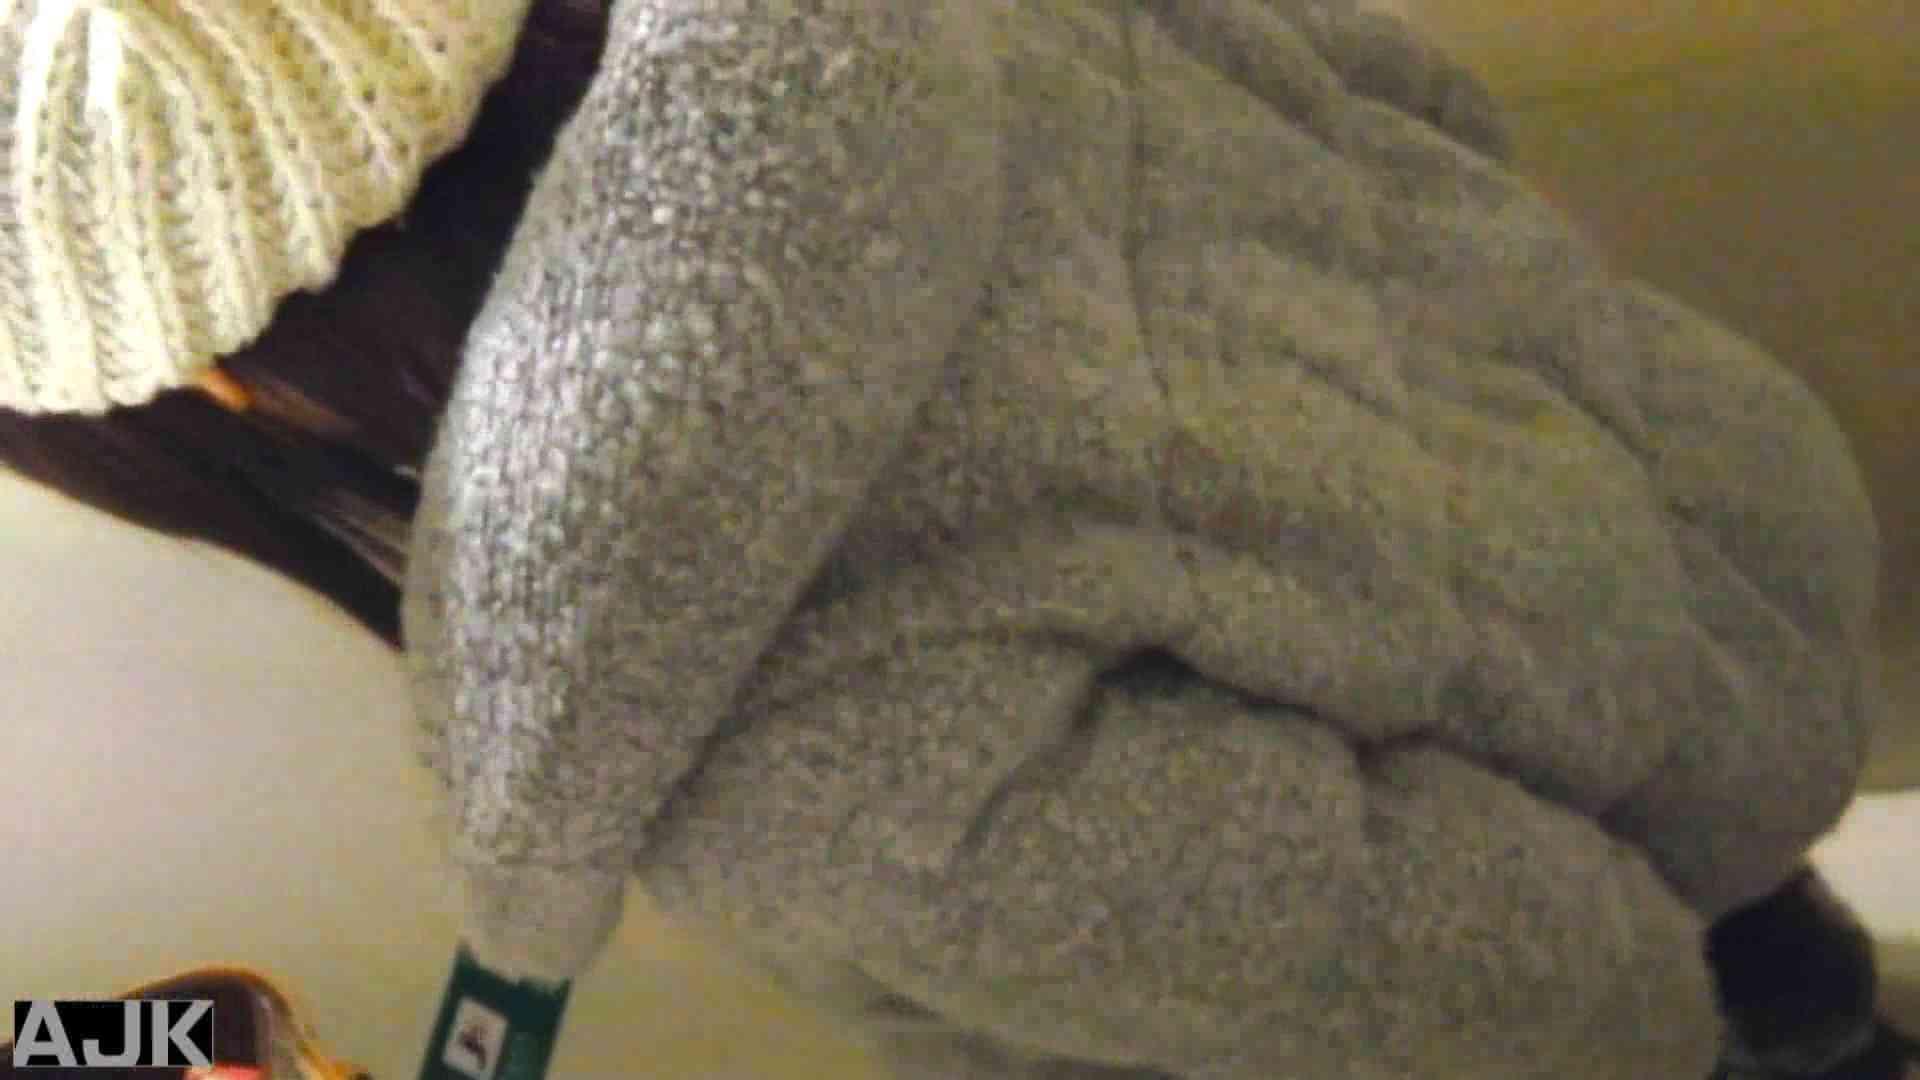 隣国上階級エリアの令嬢たちが集うデパートお手洗い Vol.02 お手洗い | OL  51連発 35